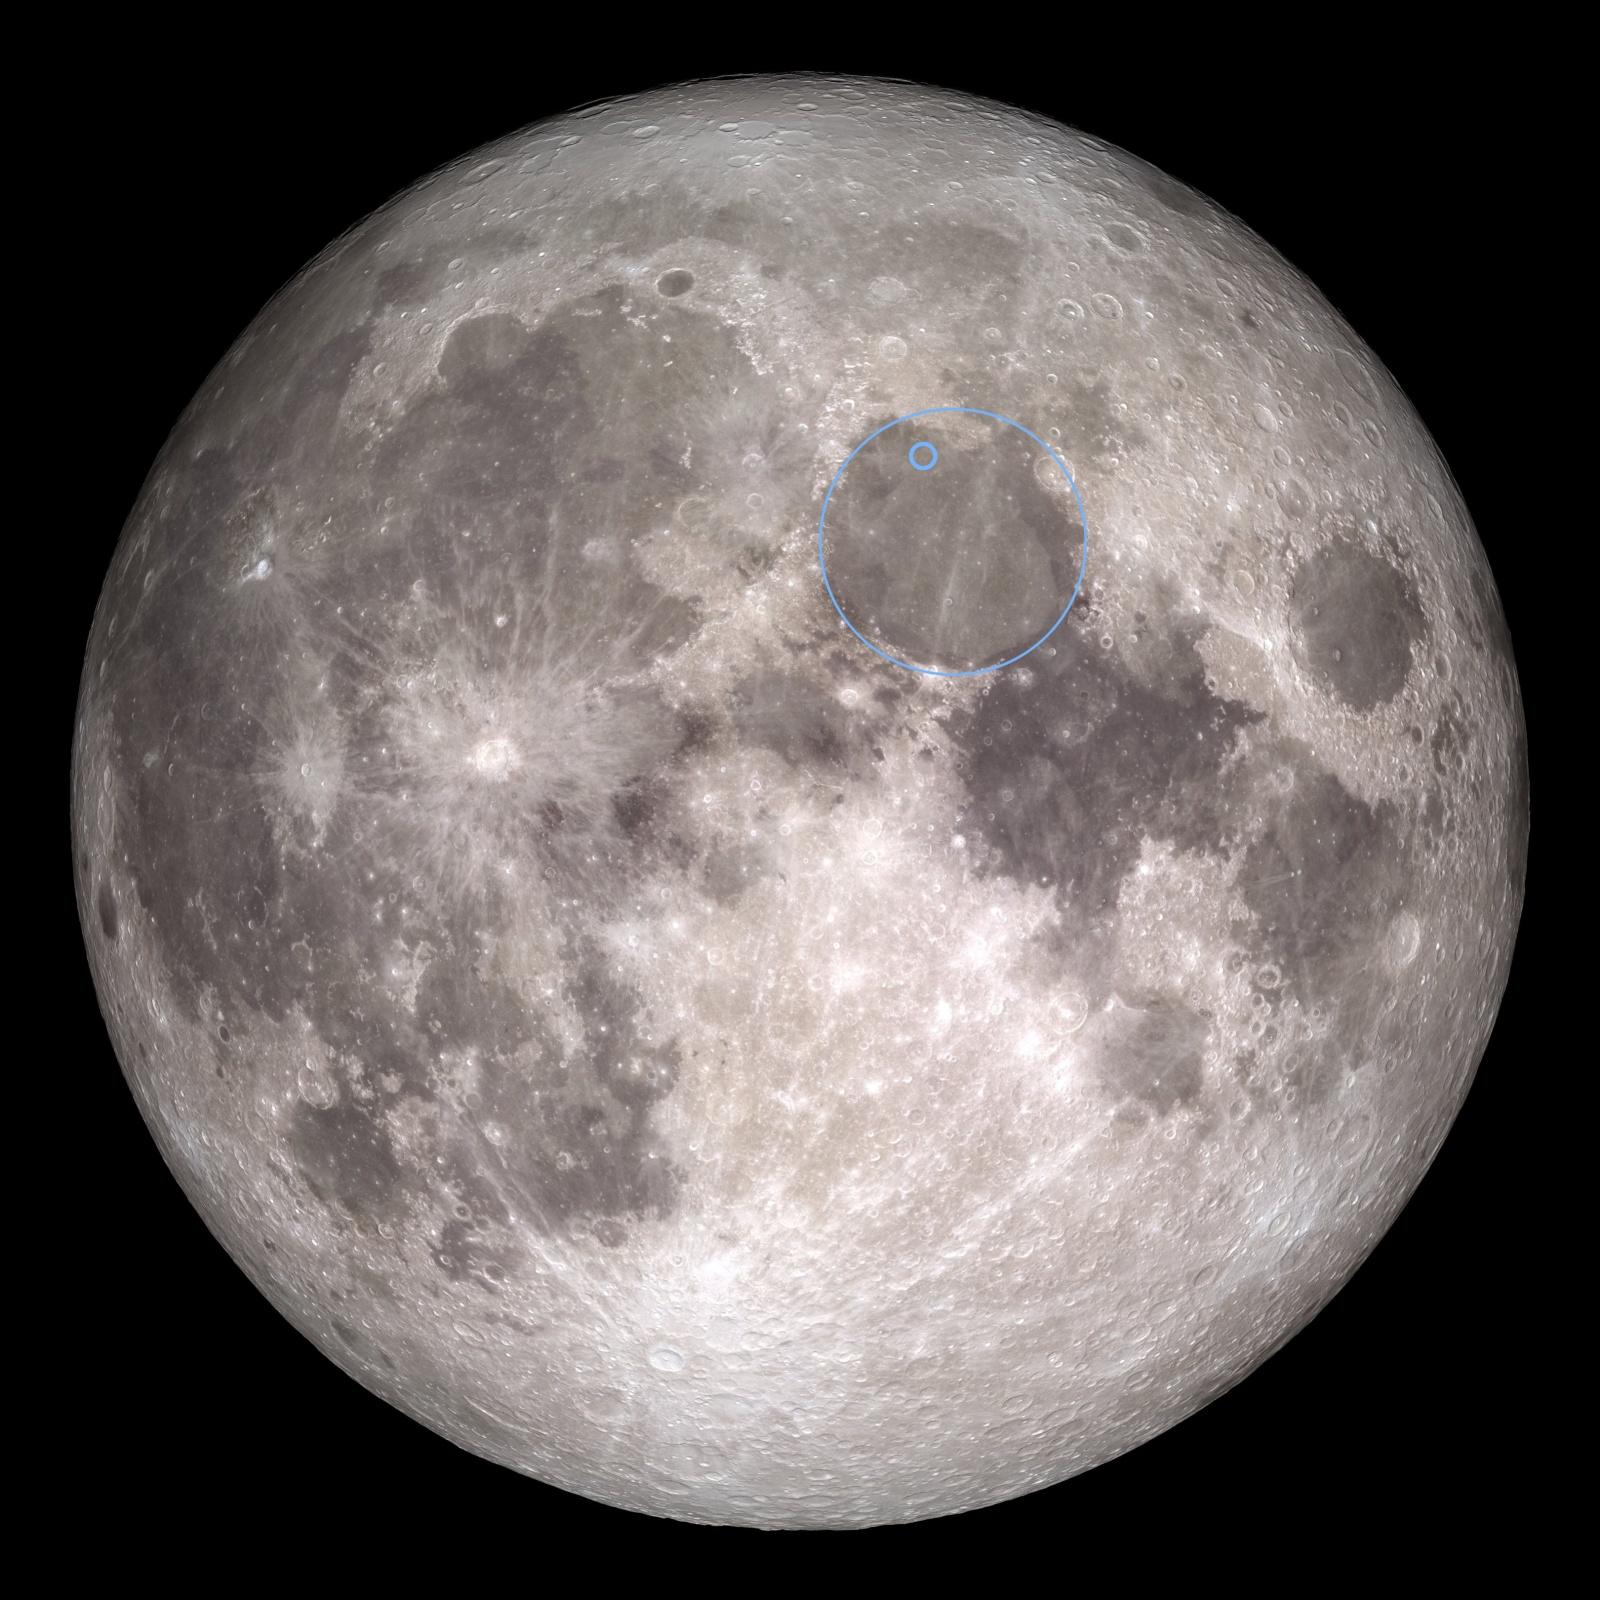 Лунная миссия «Берешит» – характеристики аппарата, серия маневров и самый длинный путь на Луну - 31